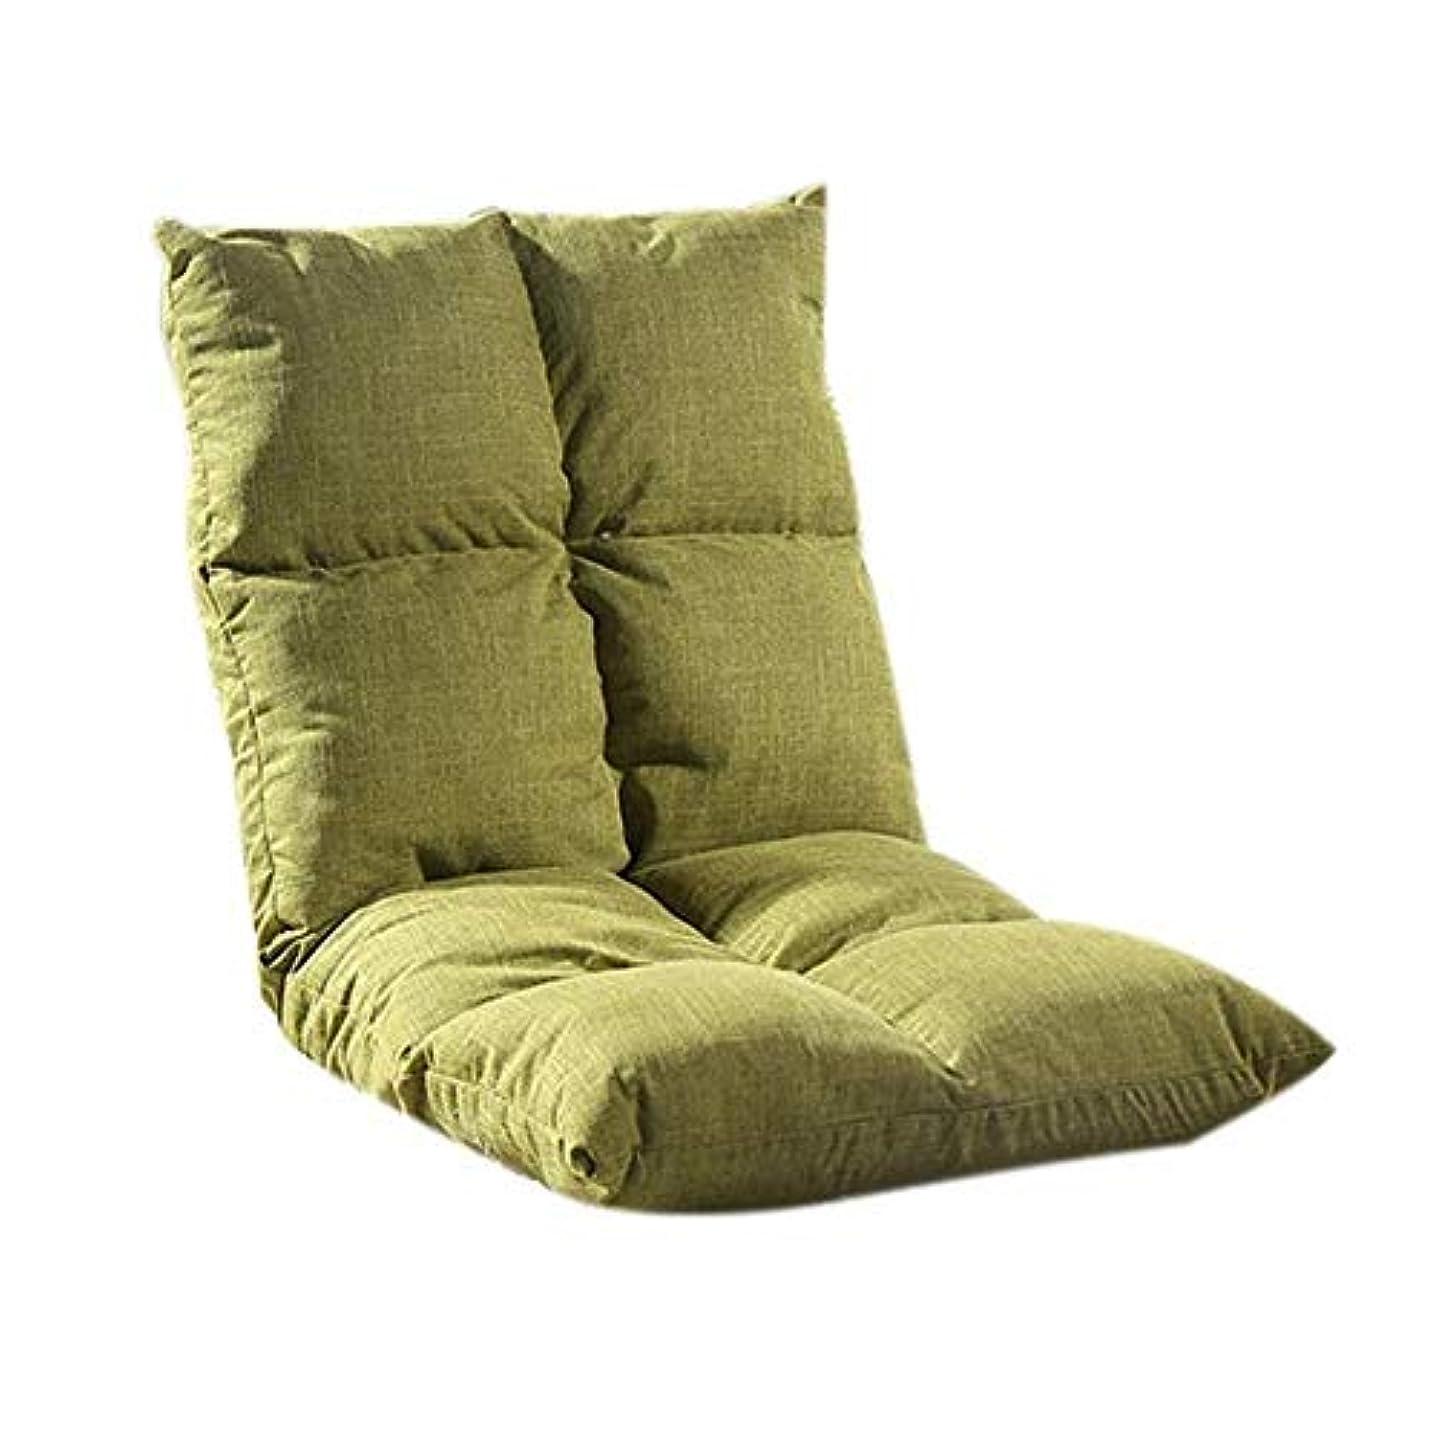 行為晩ごはん世紀怠zyなフロアチェア、畳クッション、シングルメディテーションチェア、背もたれ一体型フロアクッション、折りたたみ式厚手バルコニー和風、調節可能な椅子怠Adjustなソファゲームチェア (Color : 緑)